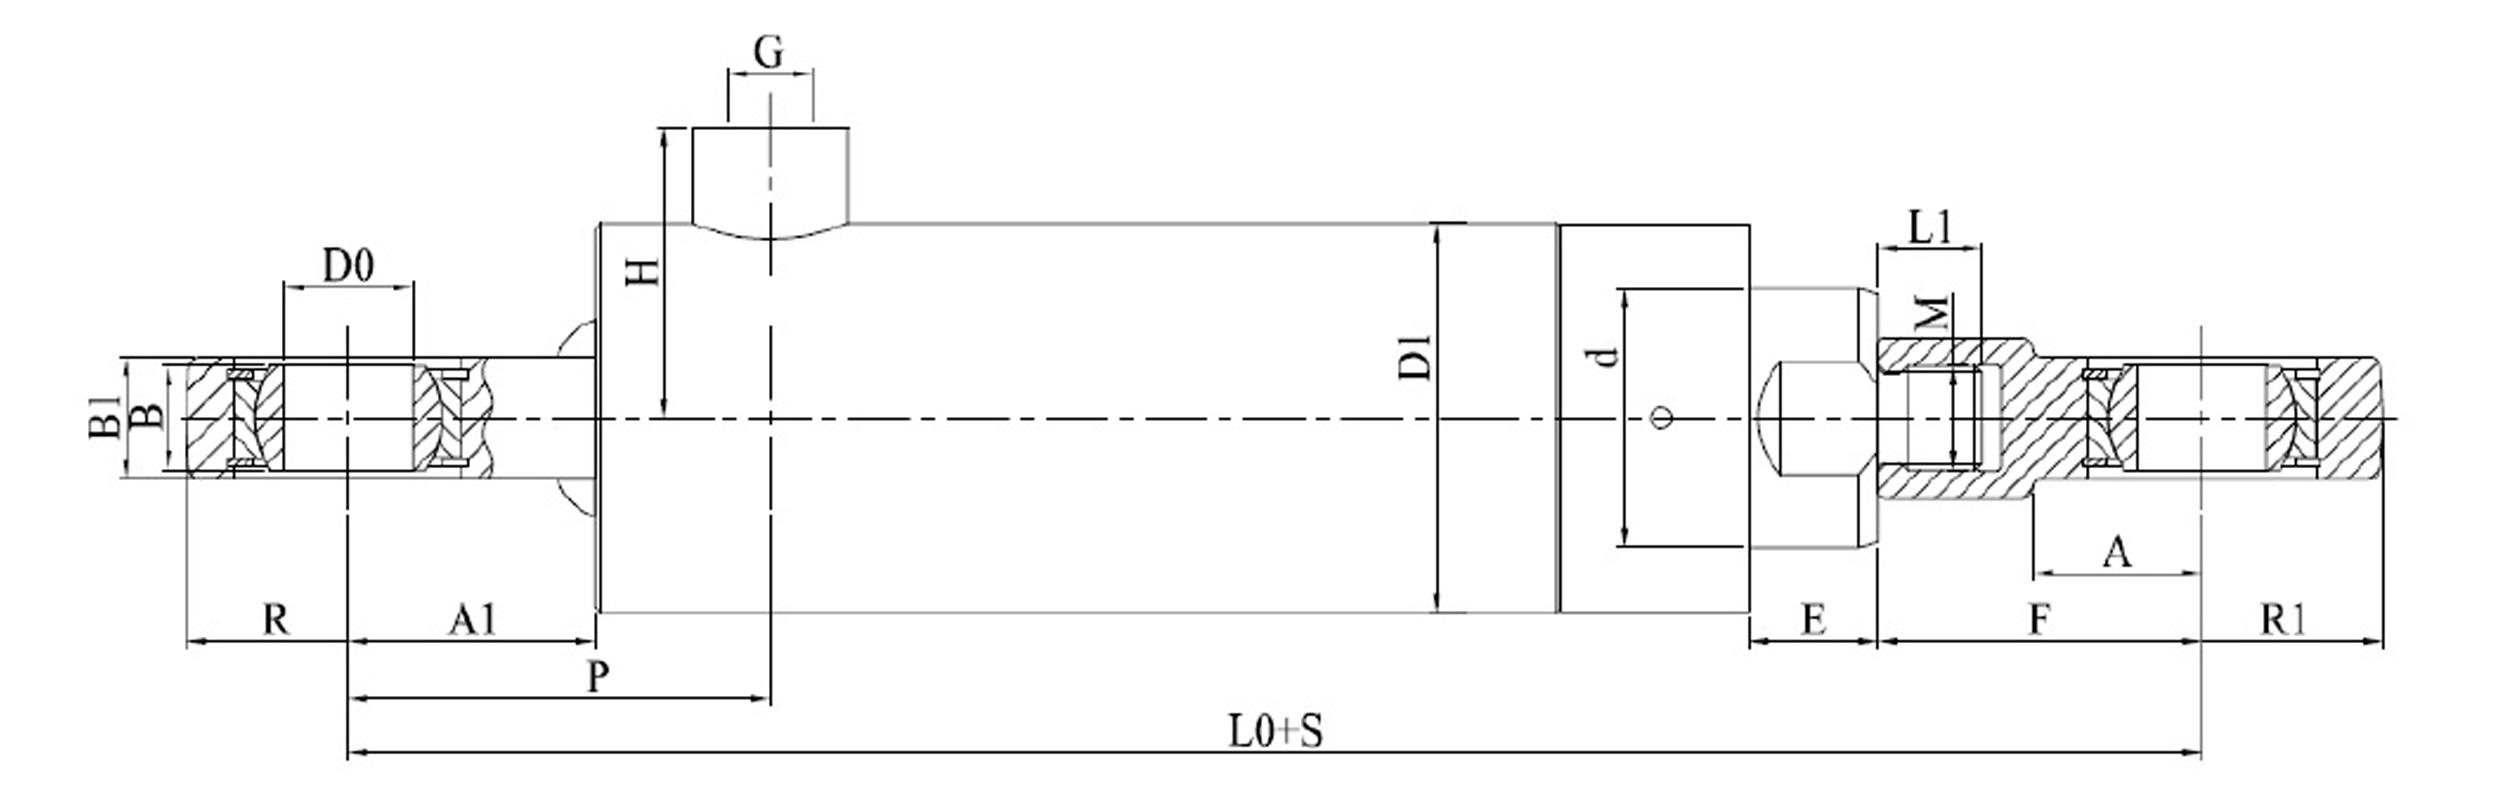 Siłownik hydrauliczny jednostronnego działania CBN produkcji firmy Bipromasz - wymiary